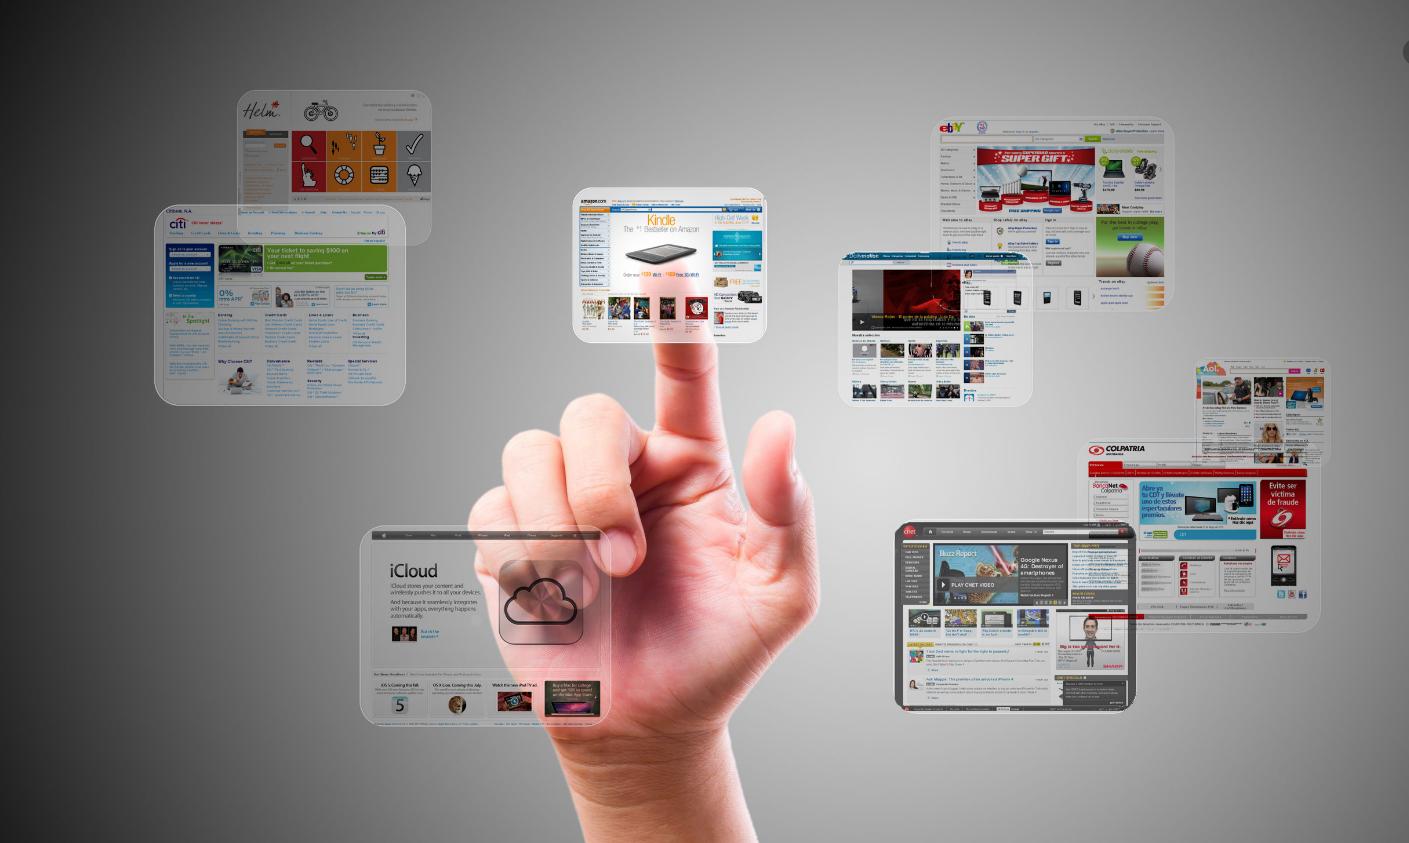 бизнес-идея создания сайта своими руками